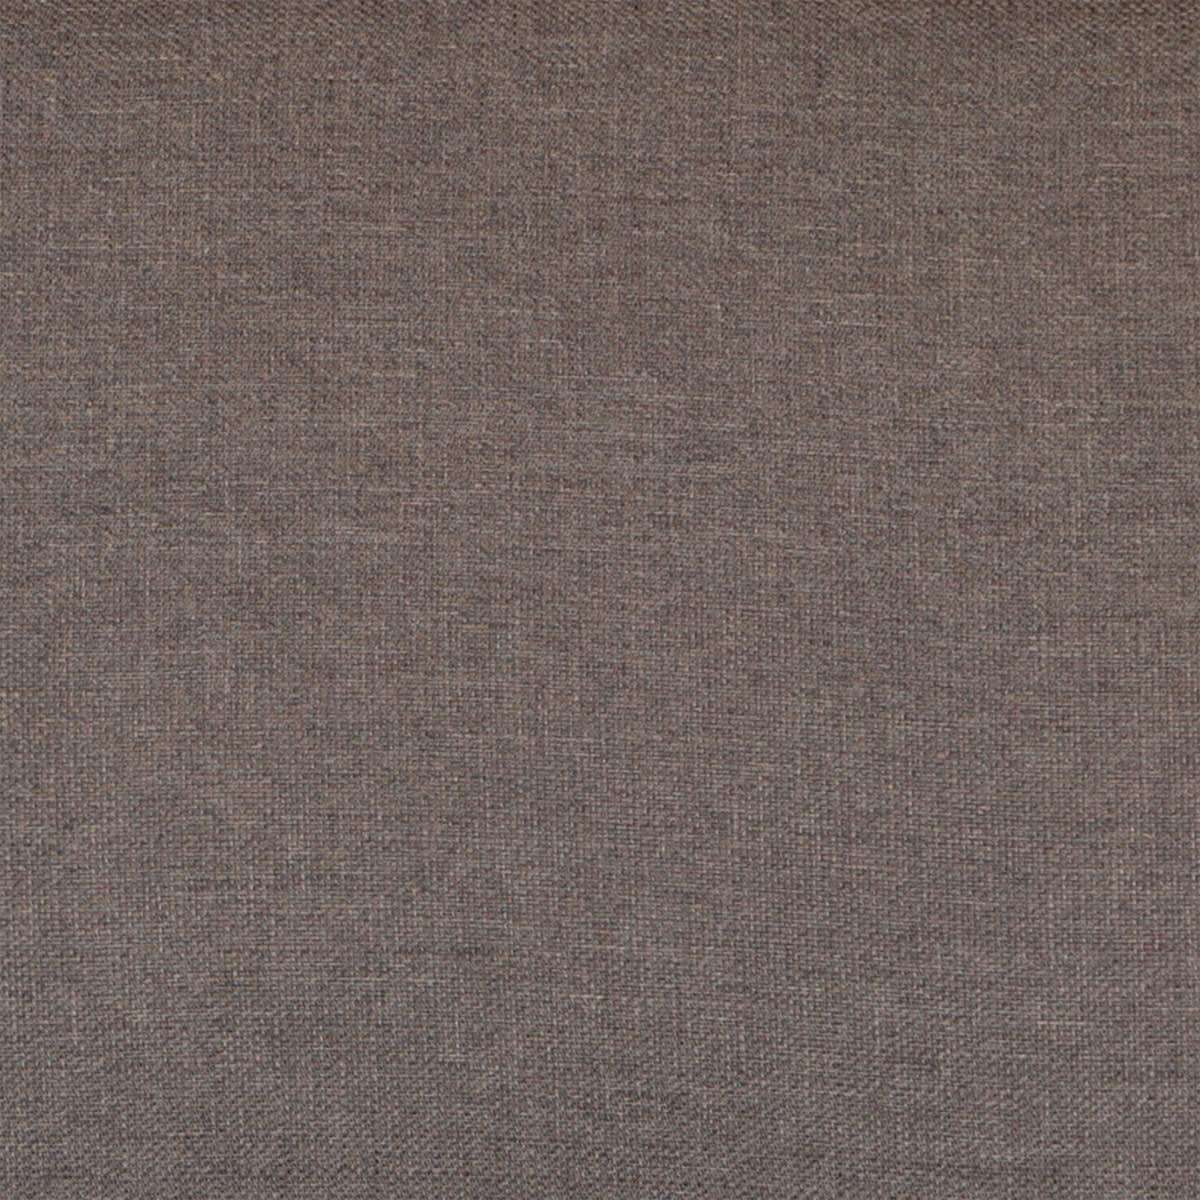 フレキシブルビーズクッション 洗濯できるカバー付き (ア)ブラウン